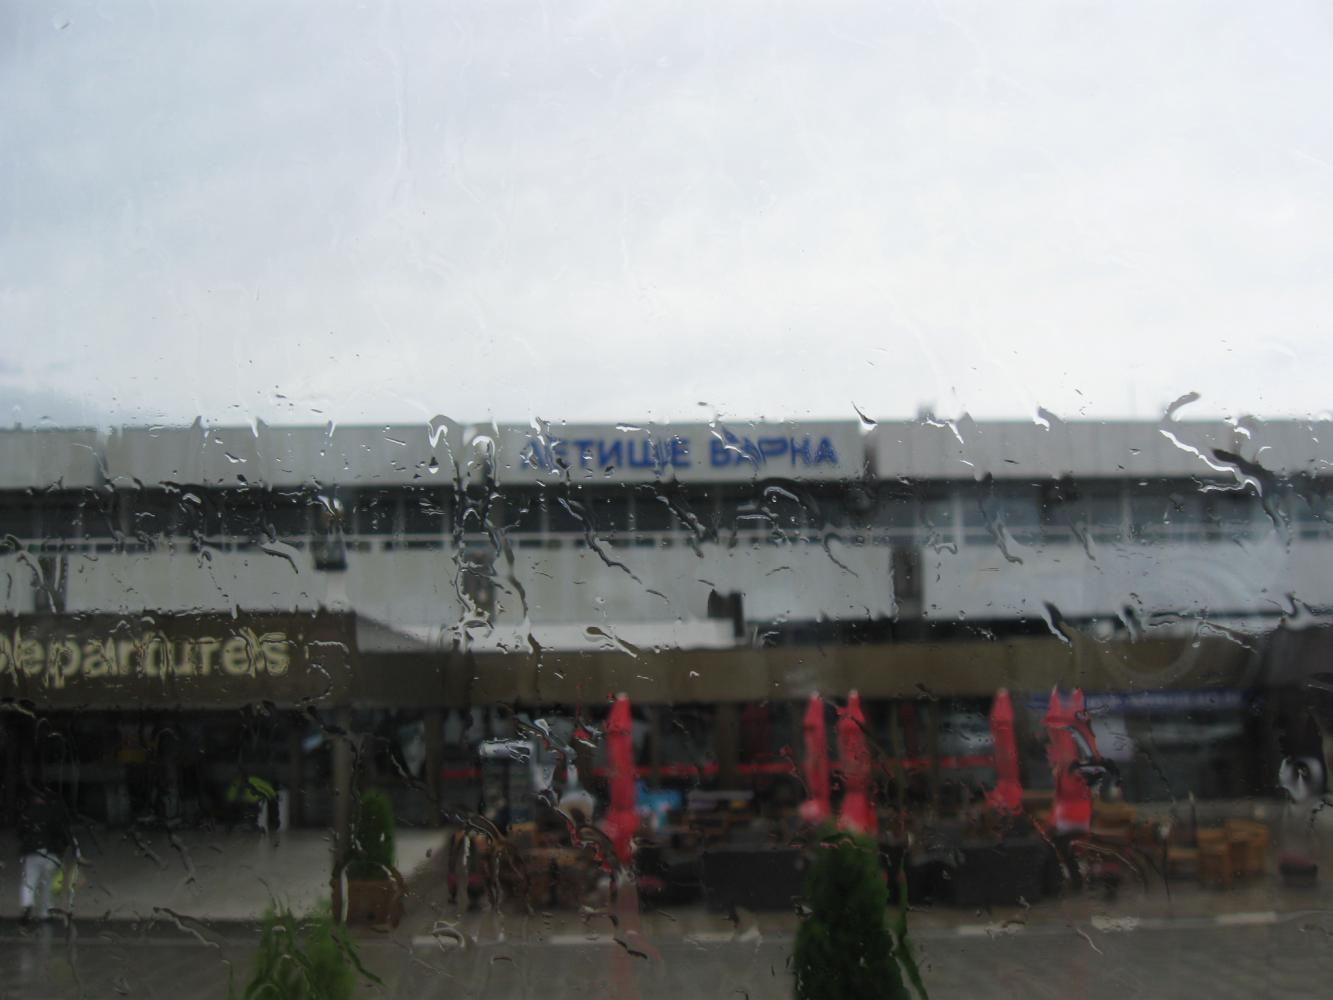 Аэропорт Варна, Болгария: как добраться до курортов. Трансфер в аэропорт Варна